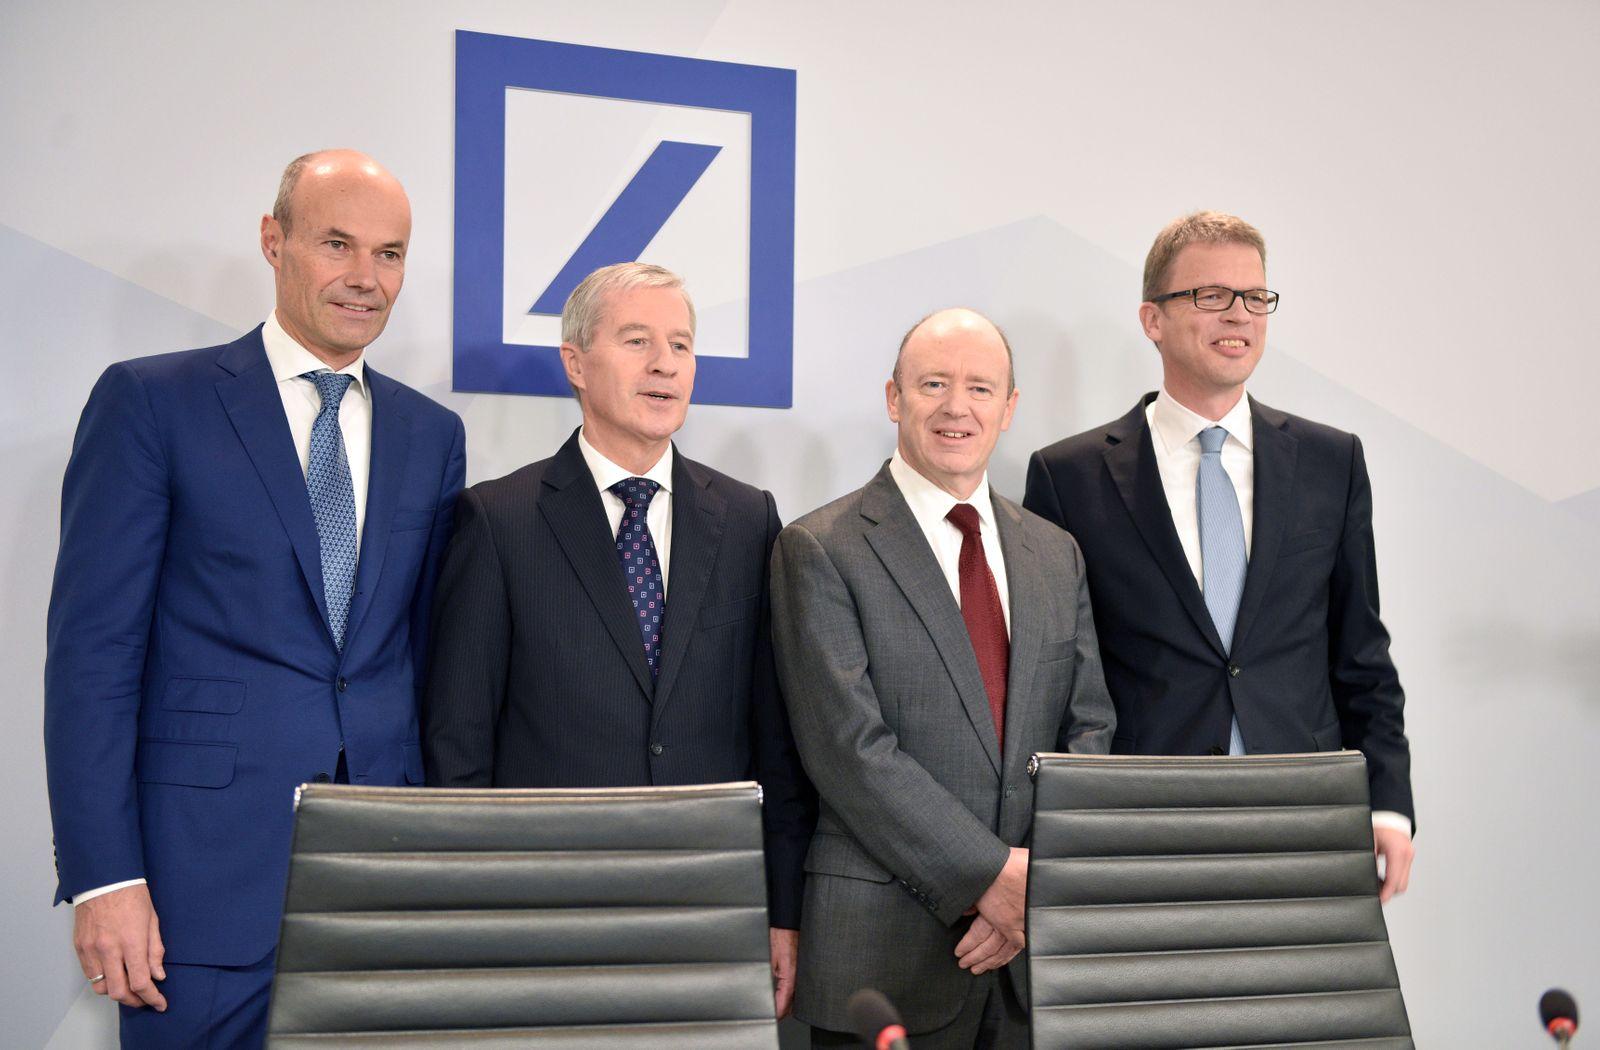 Deutsche Bank / members of the executive board